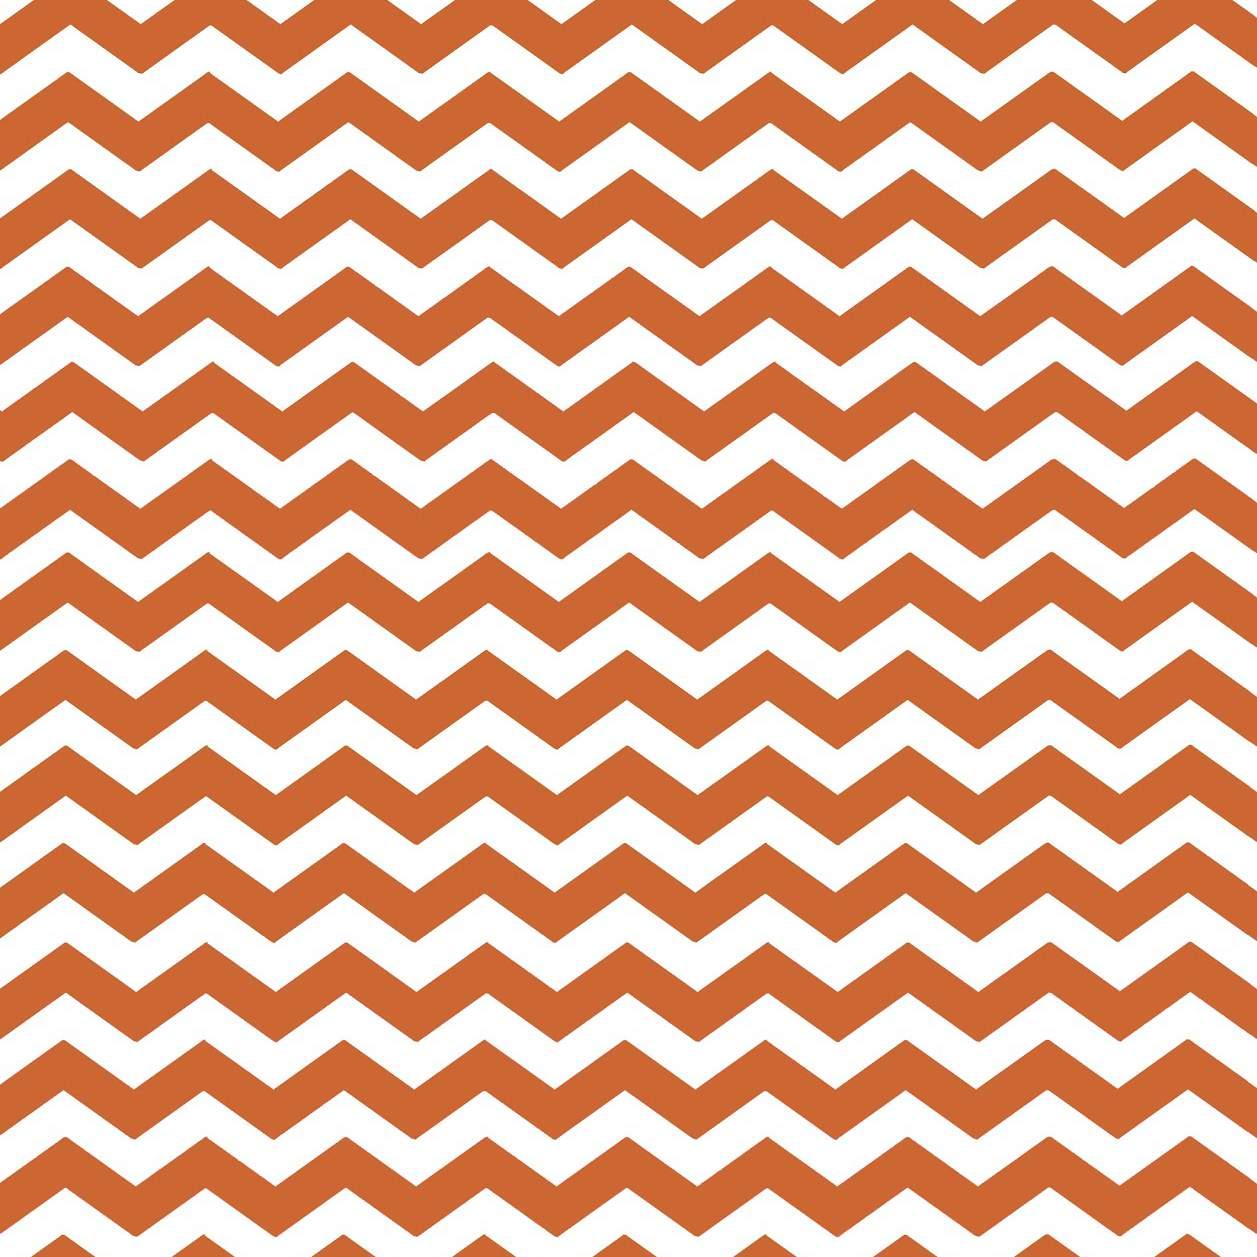 Chevron and herringbone pattern